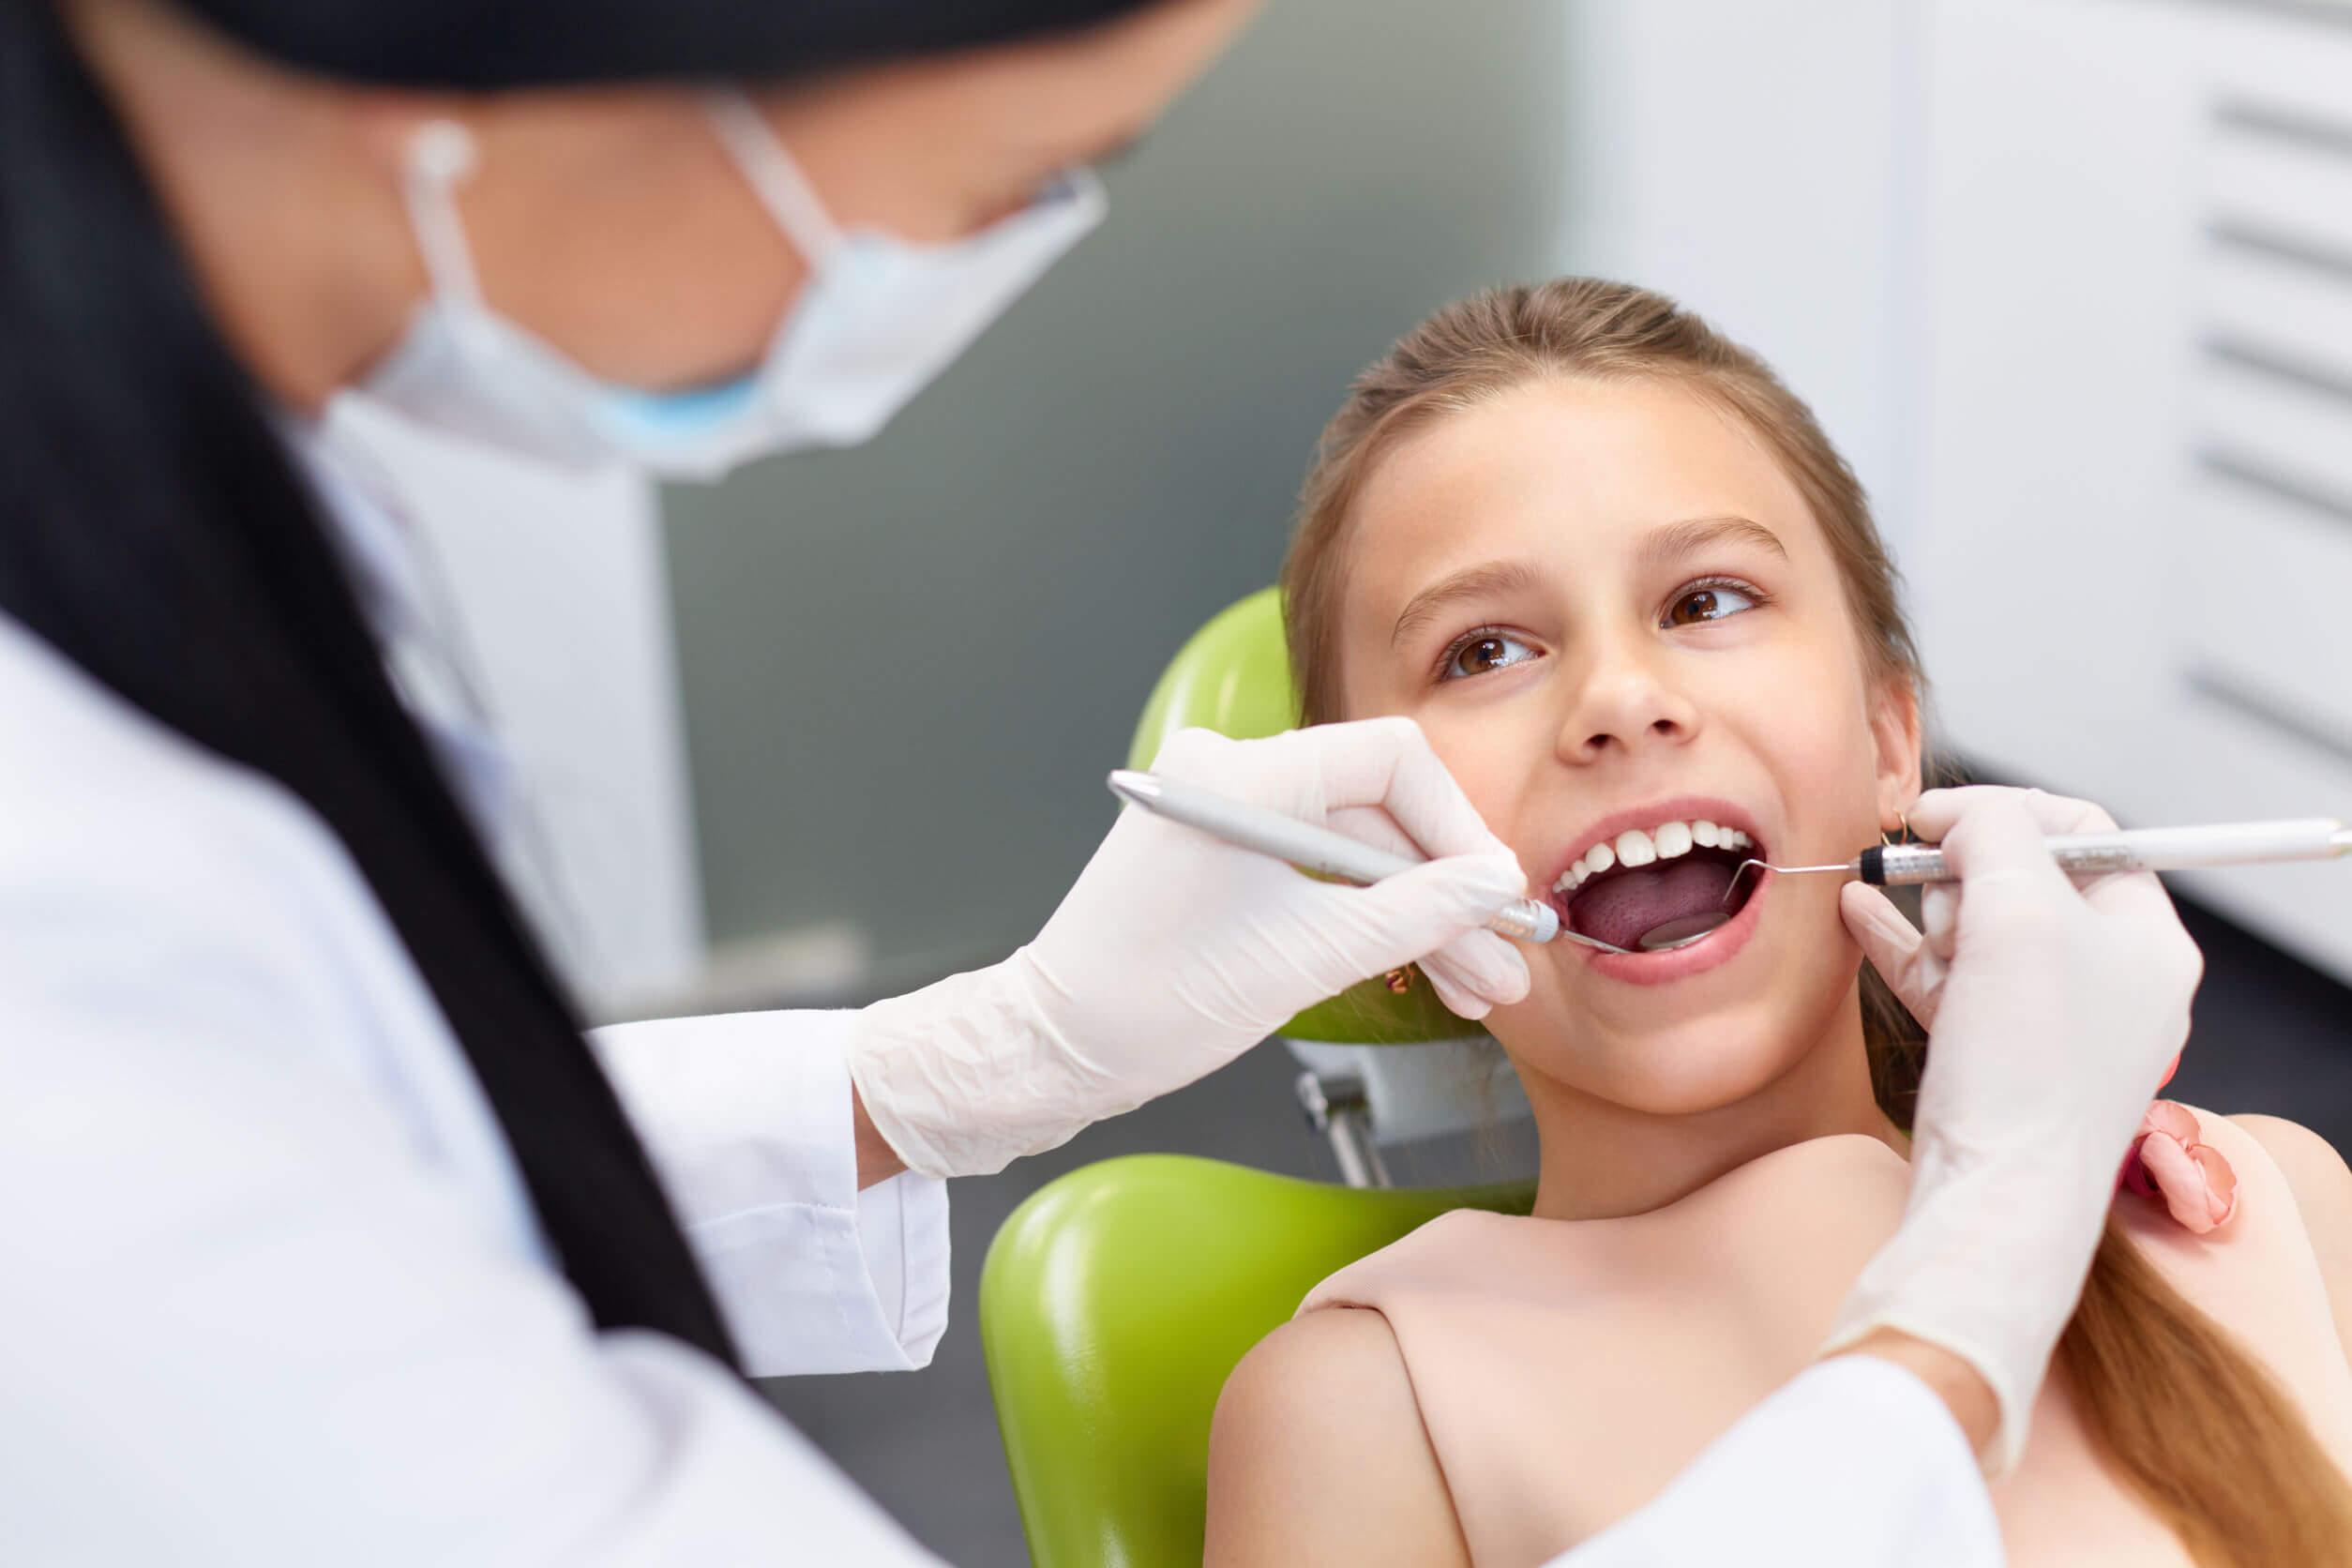 odontólogo pediatra haciendo limpieza dental a niño